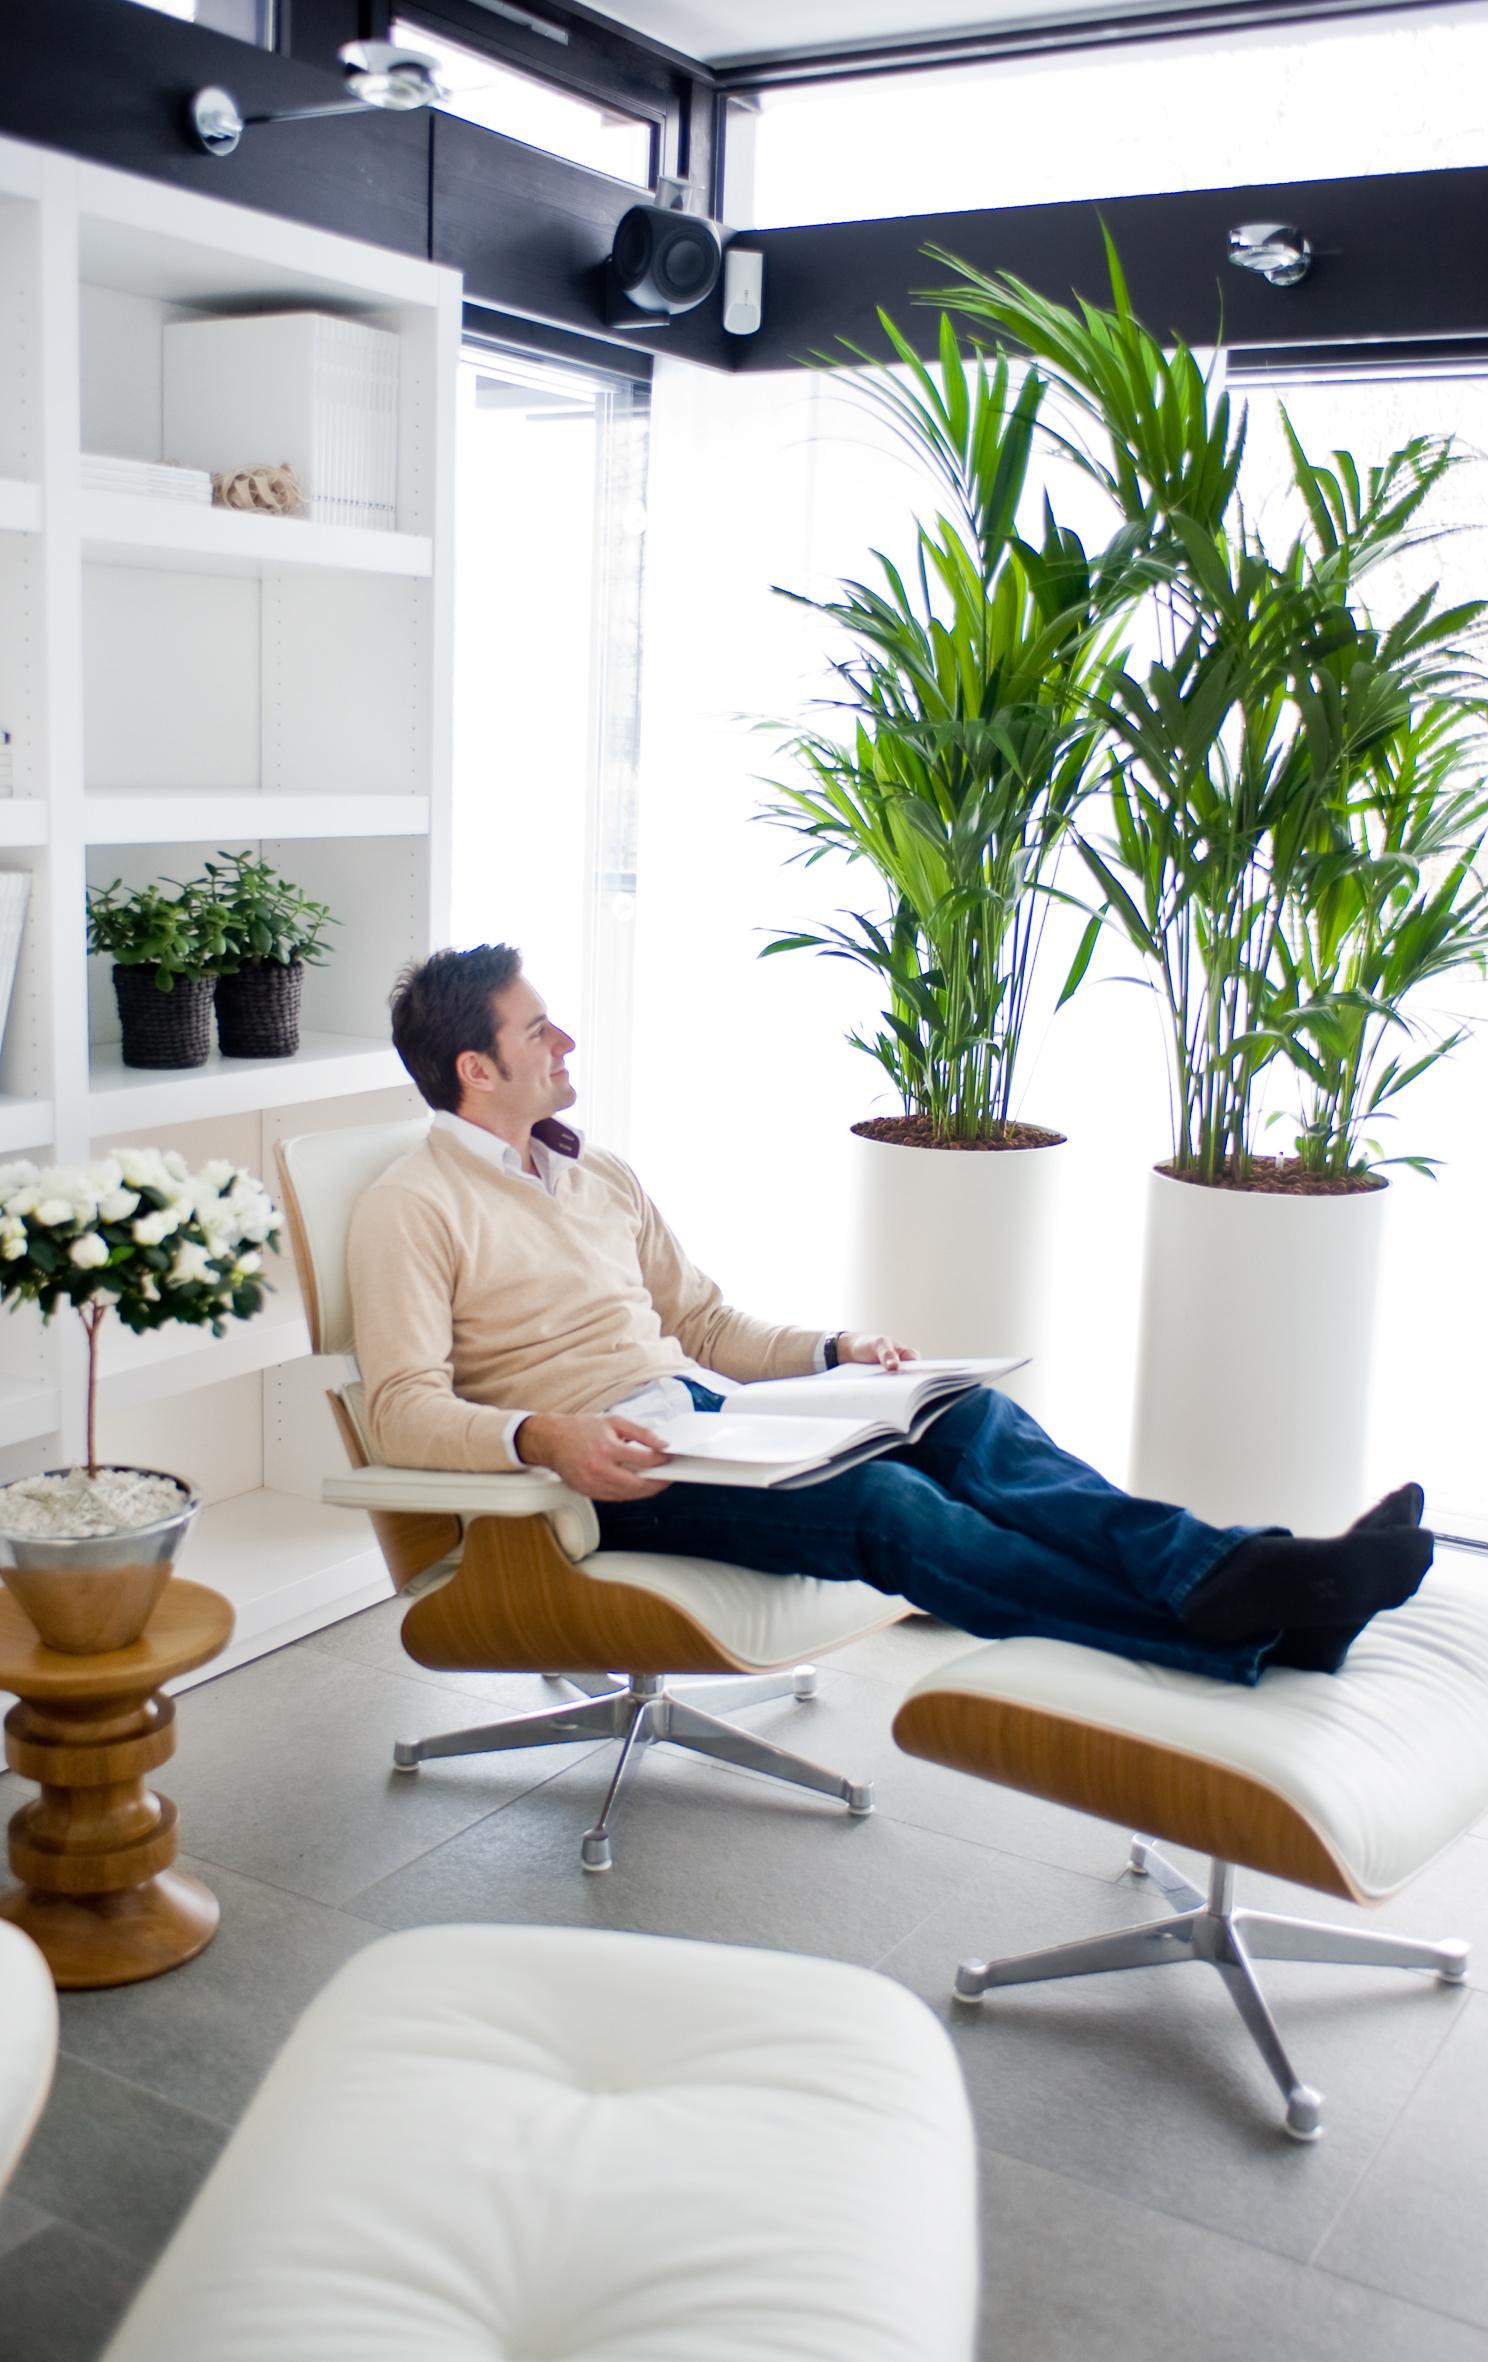 pflanzen ohne erde hydrokultur macht das leben einfacher. Black Bedroom Furniture Sets. Home Design Ideas